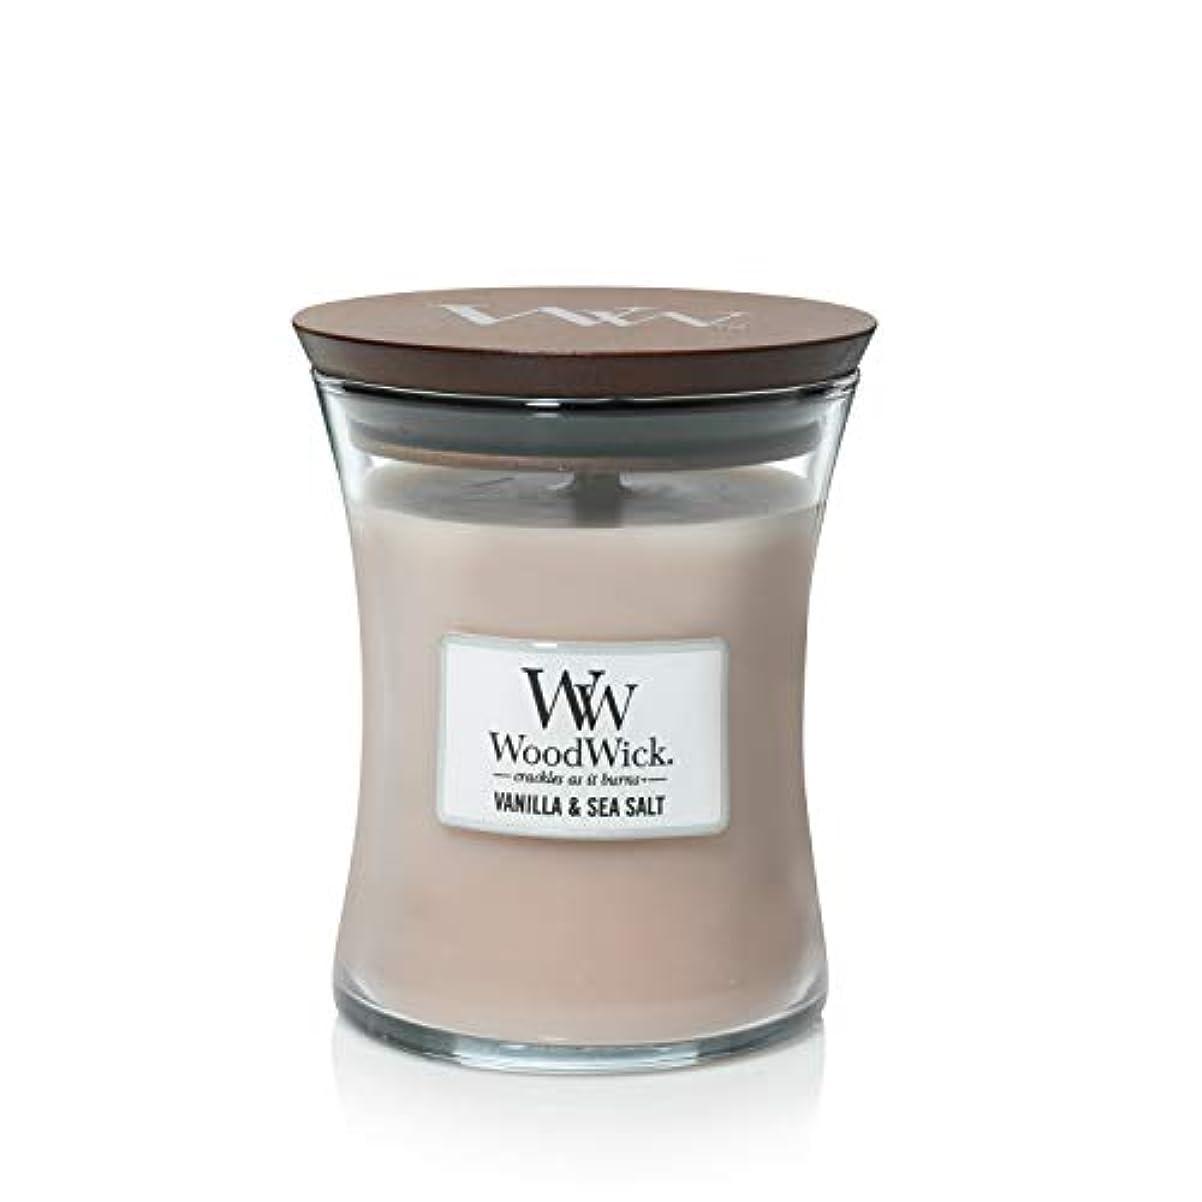 数値キャプチャー死すべきバニラSea Salt WoodWick 10 oz Medium砂時計Jar Candle Burns 100時間